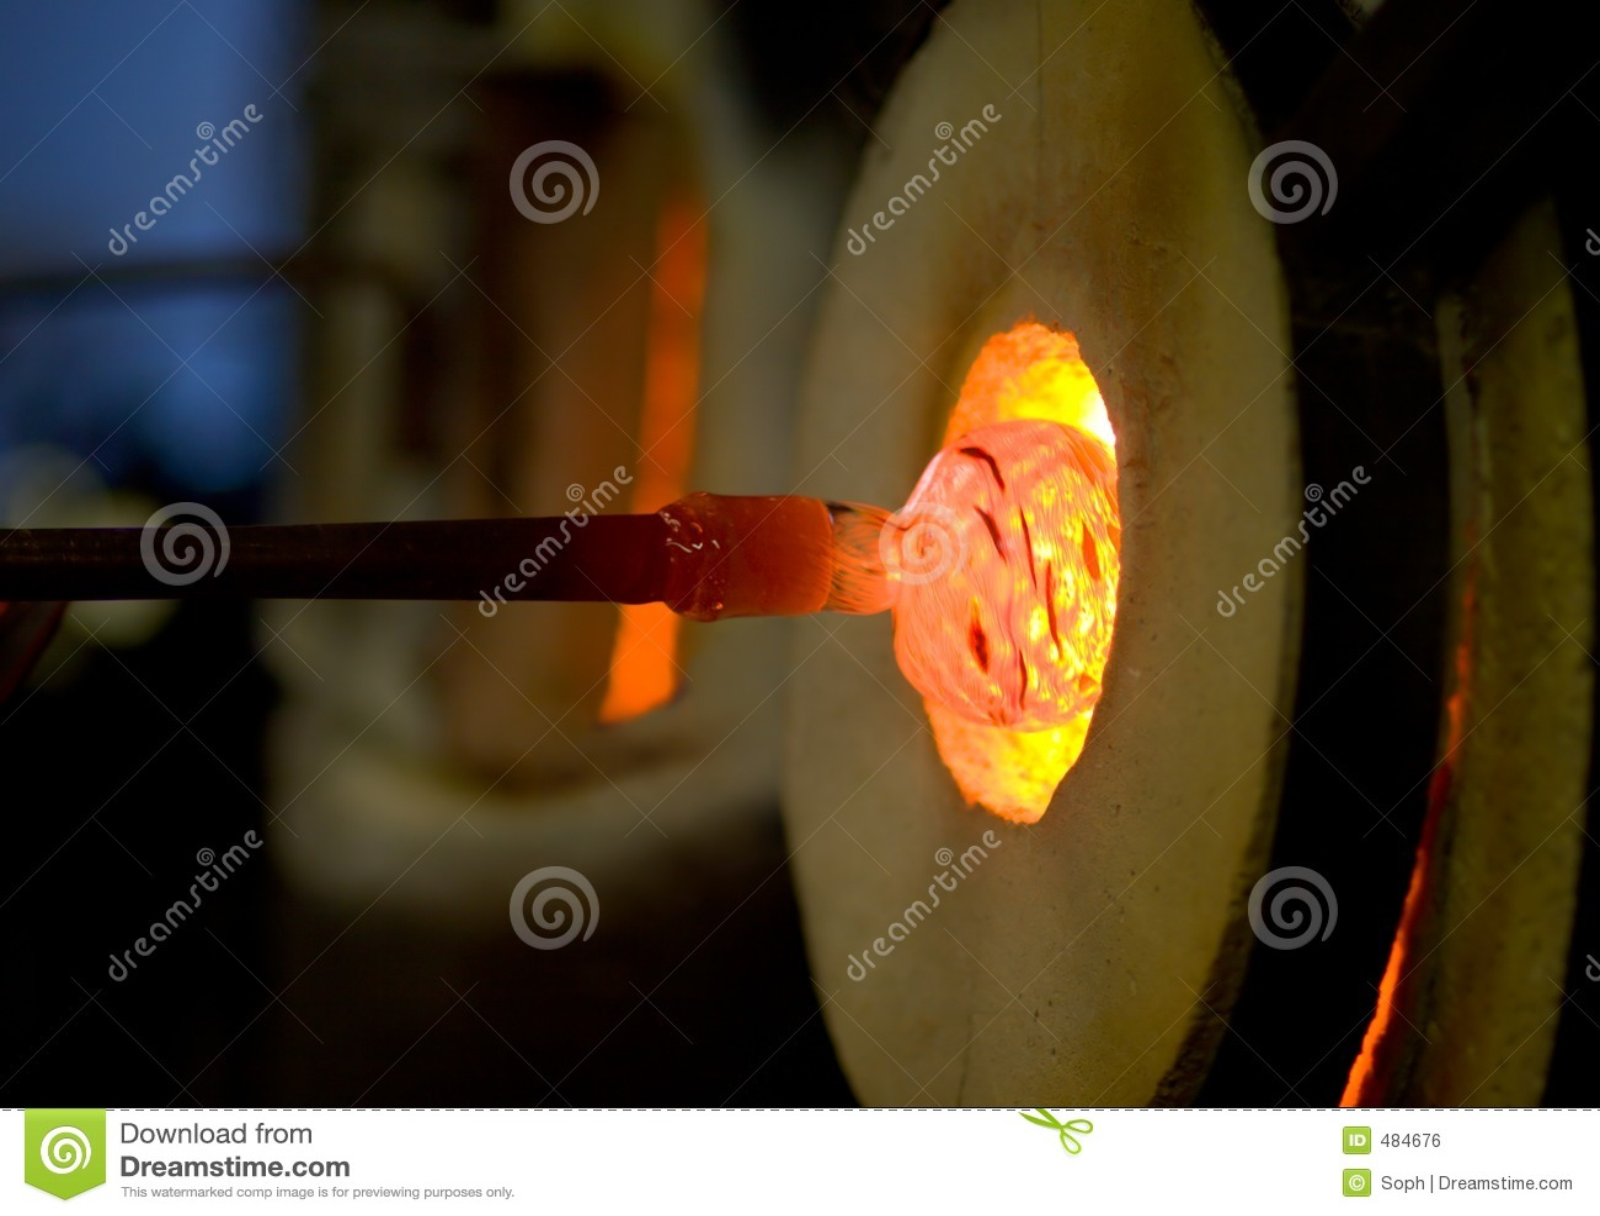 glass glory hole eBay